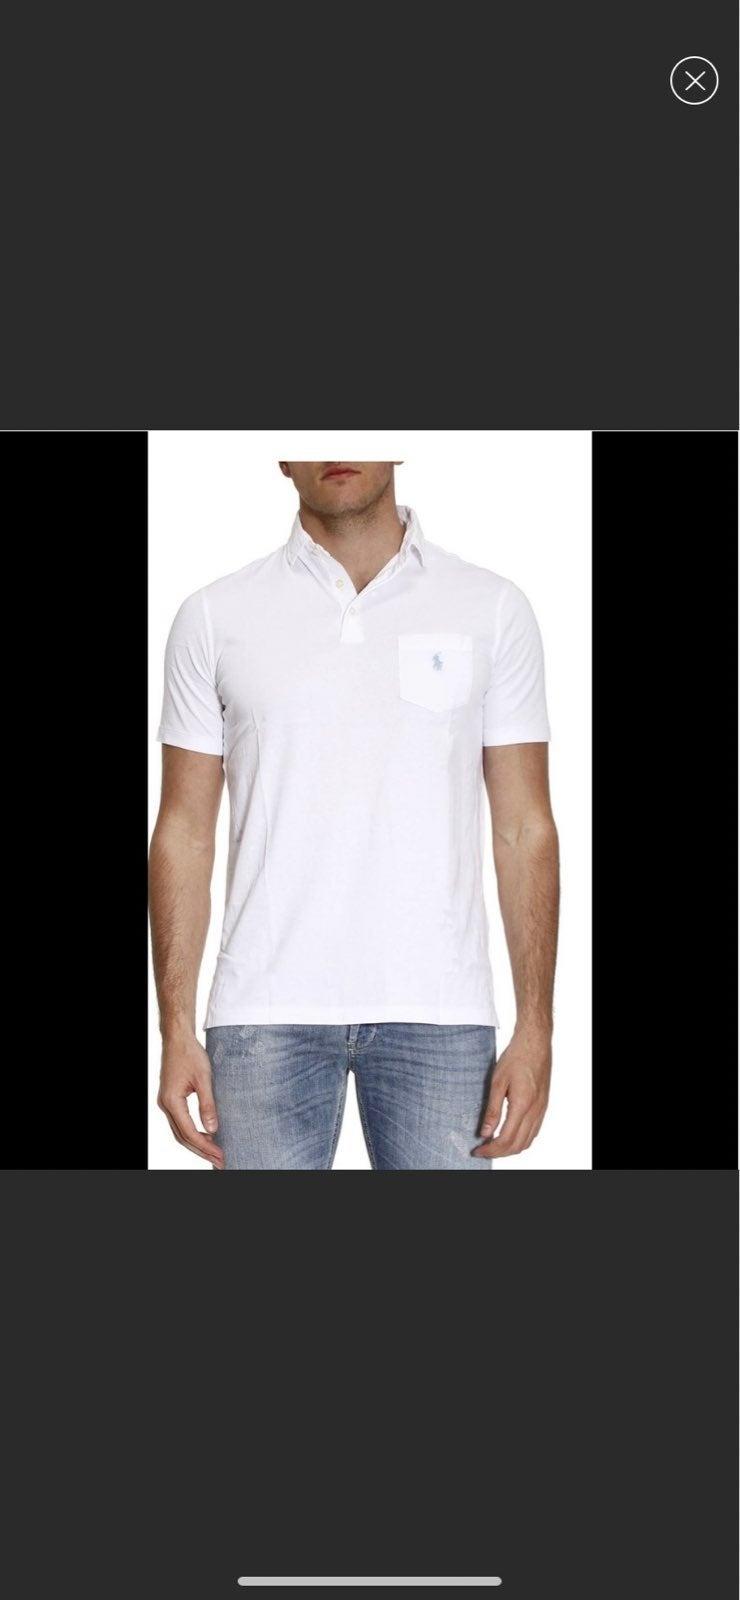 Ralph Lauren polo shirts for men